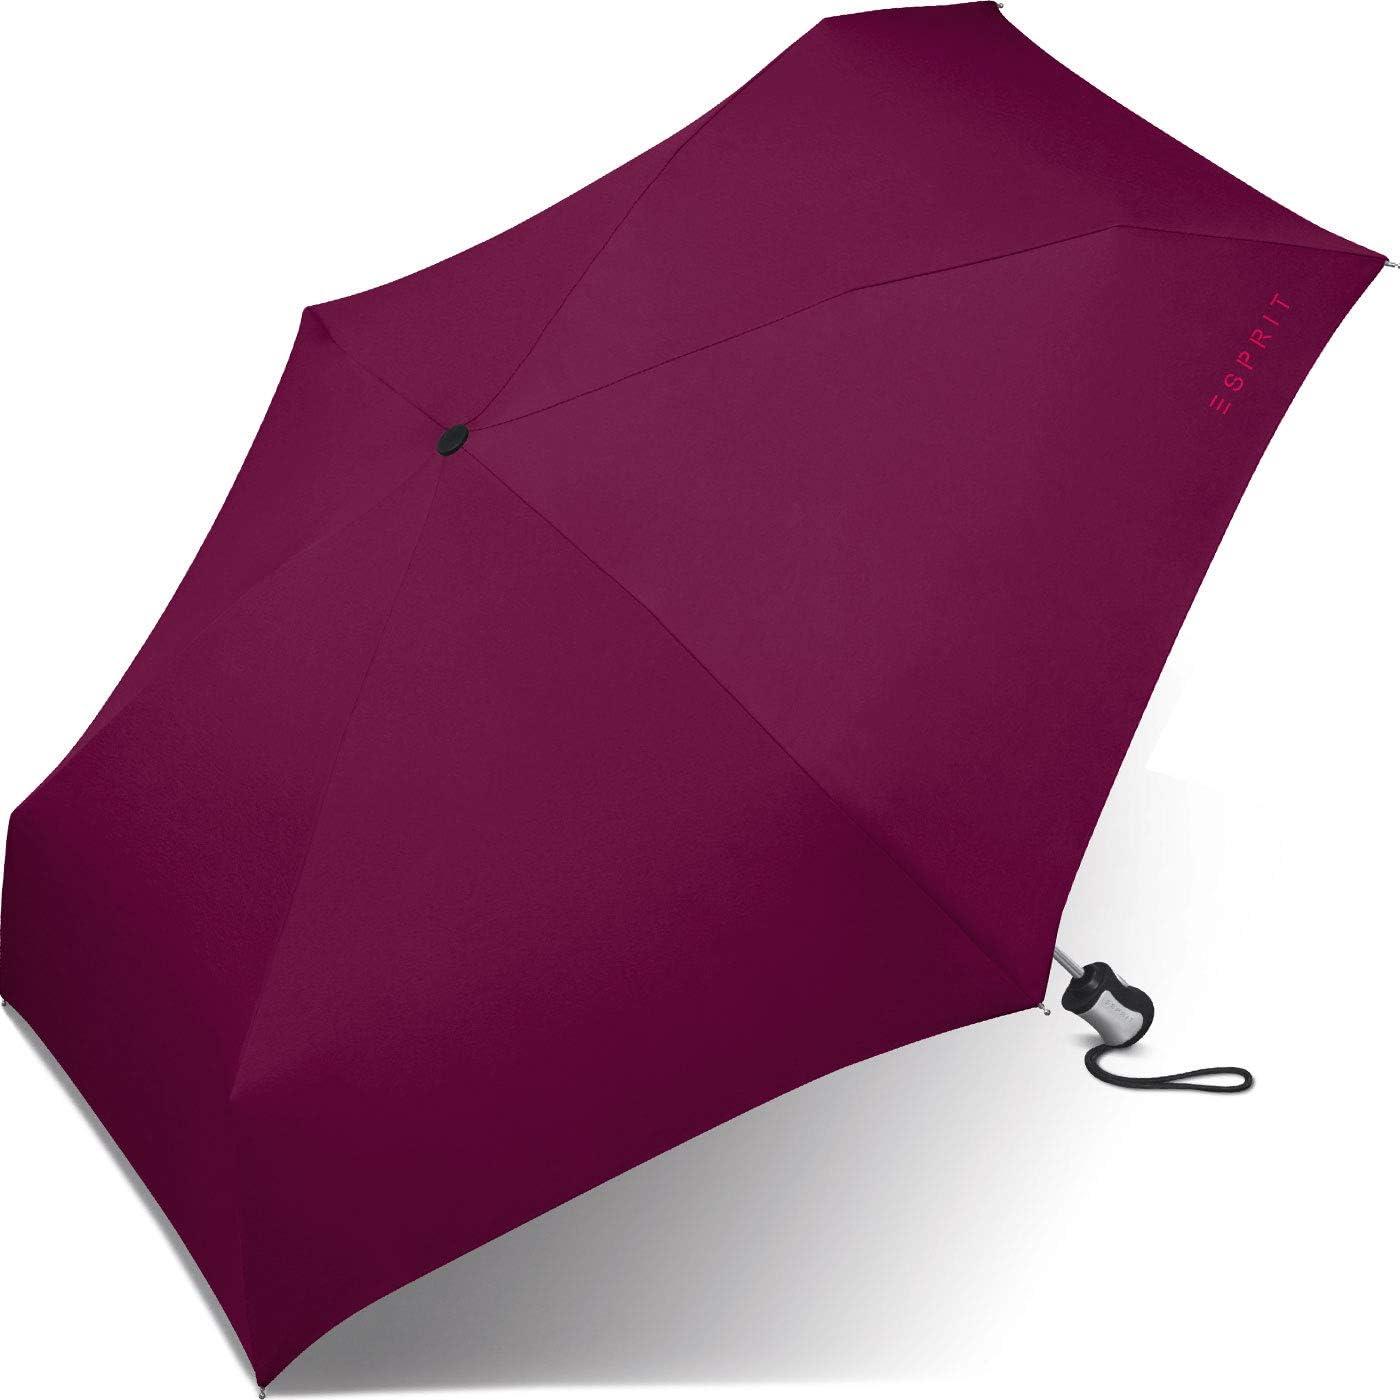 MYSTICAL Violet - 52467 Esprit Easymatic 3 Parapluie de poche